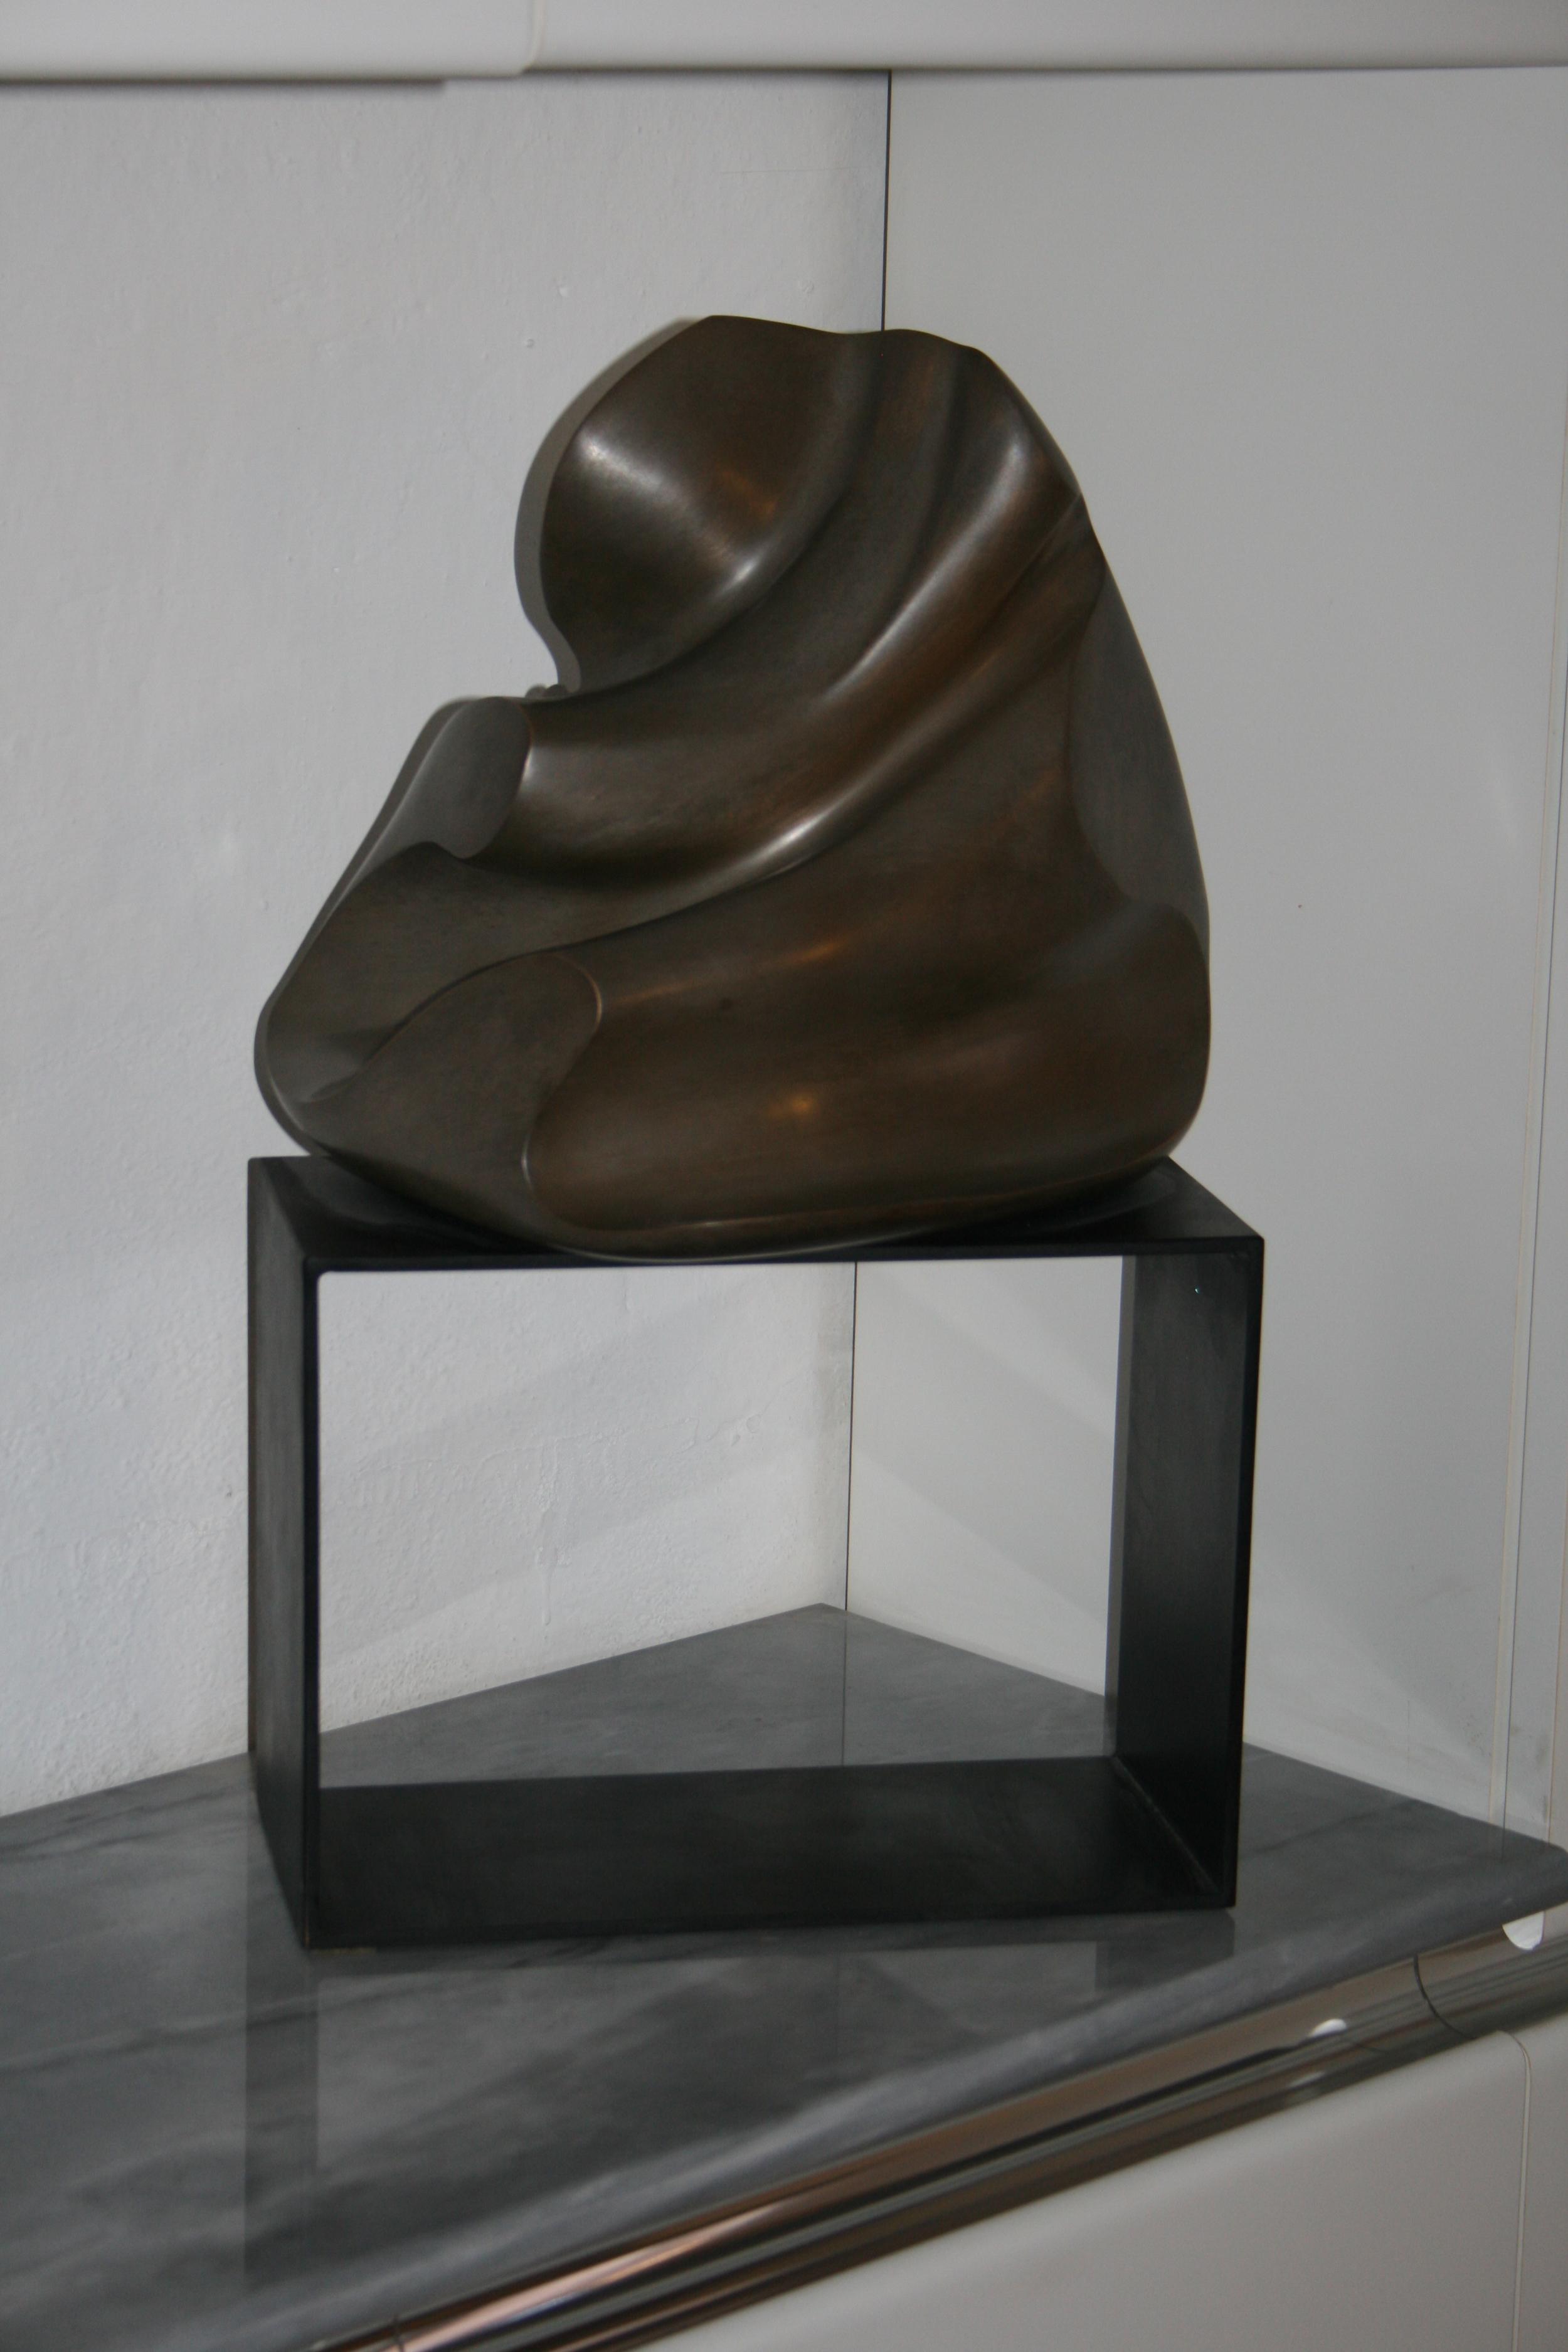 Onde (Wave Form)